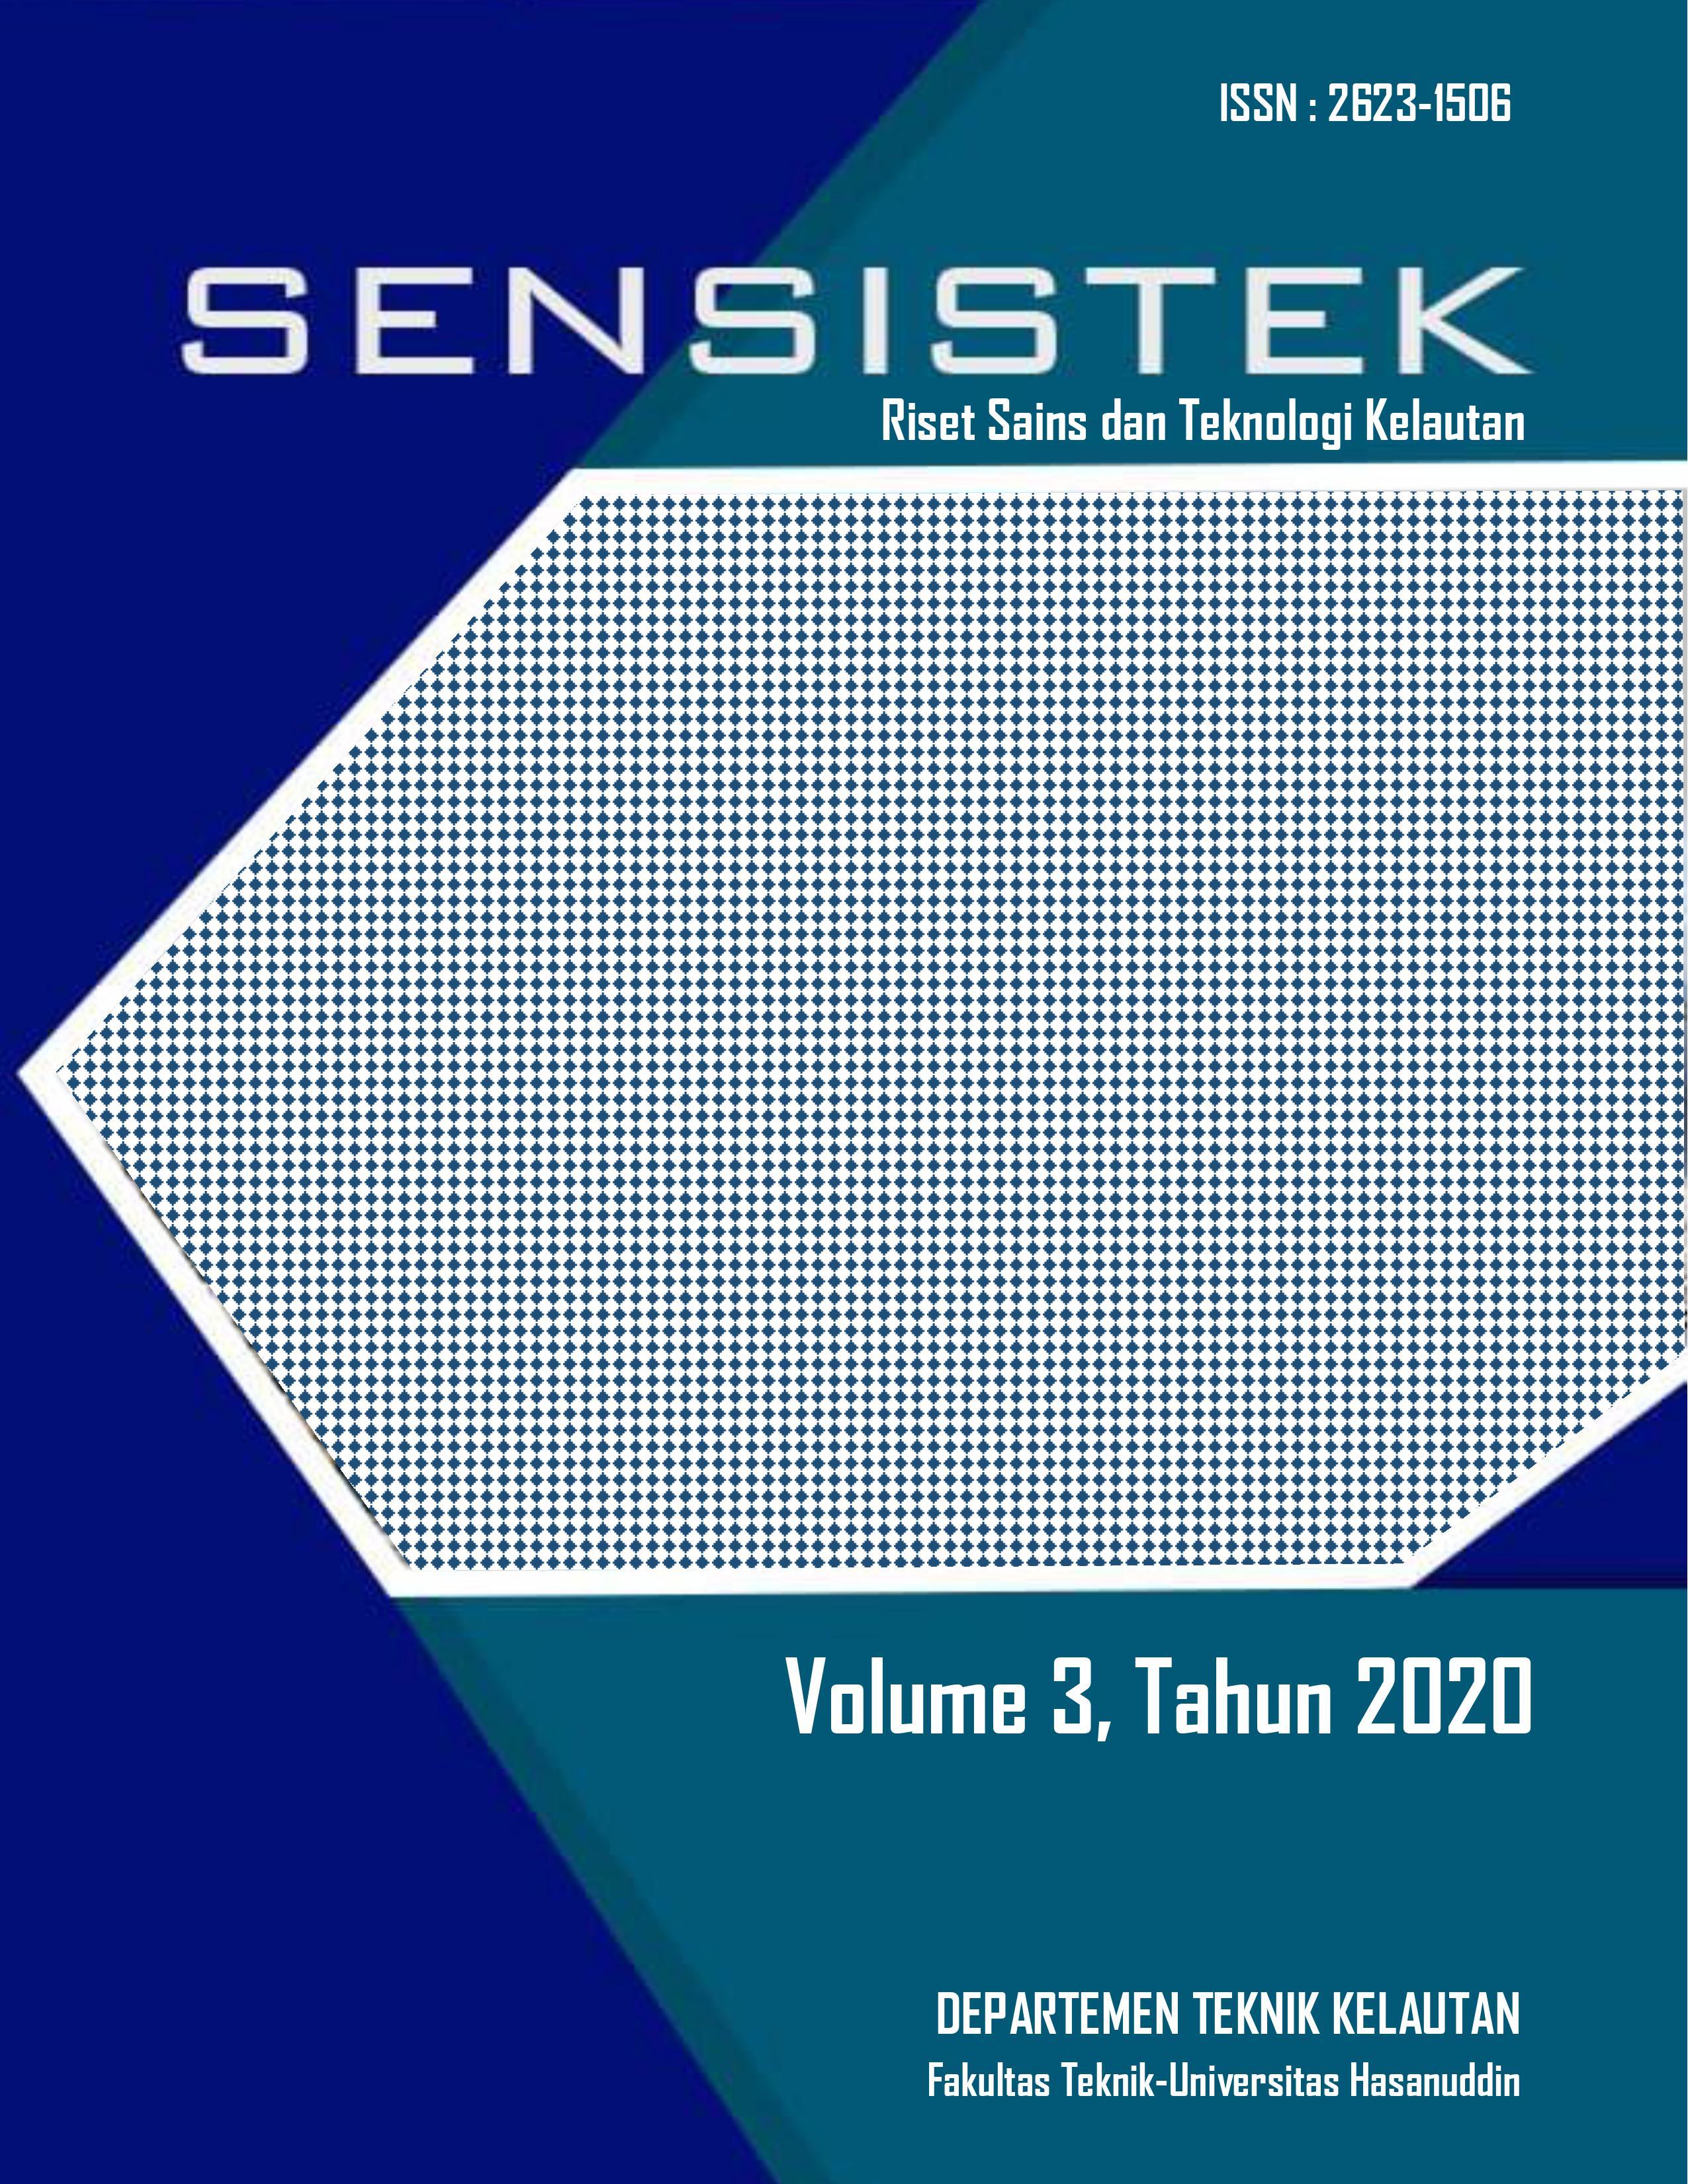 Lihat Volume 3, Nomor 1, Tahun 2020